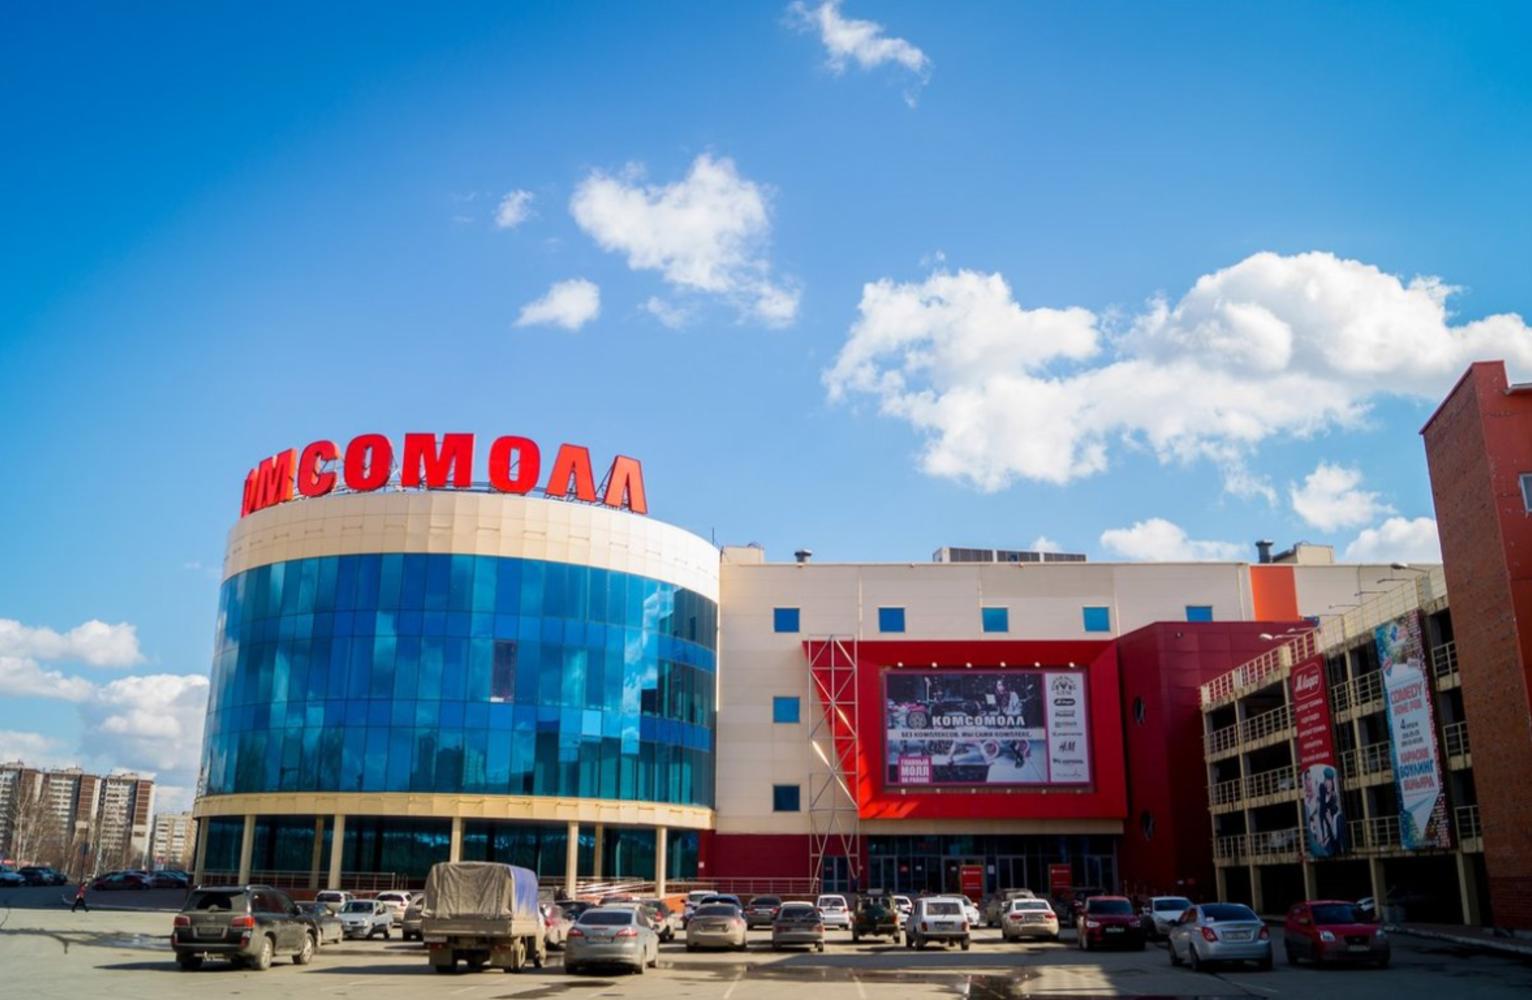 Торговая недвижимость Екатеринбург, 620000 - КомсоМОЛЛ (Екатеринбург) - 4